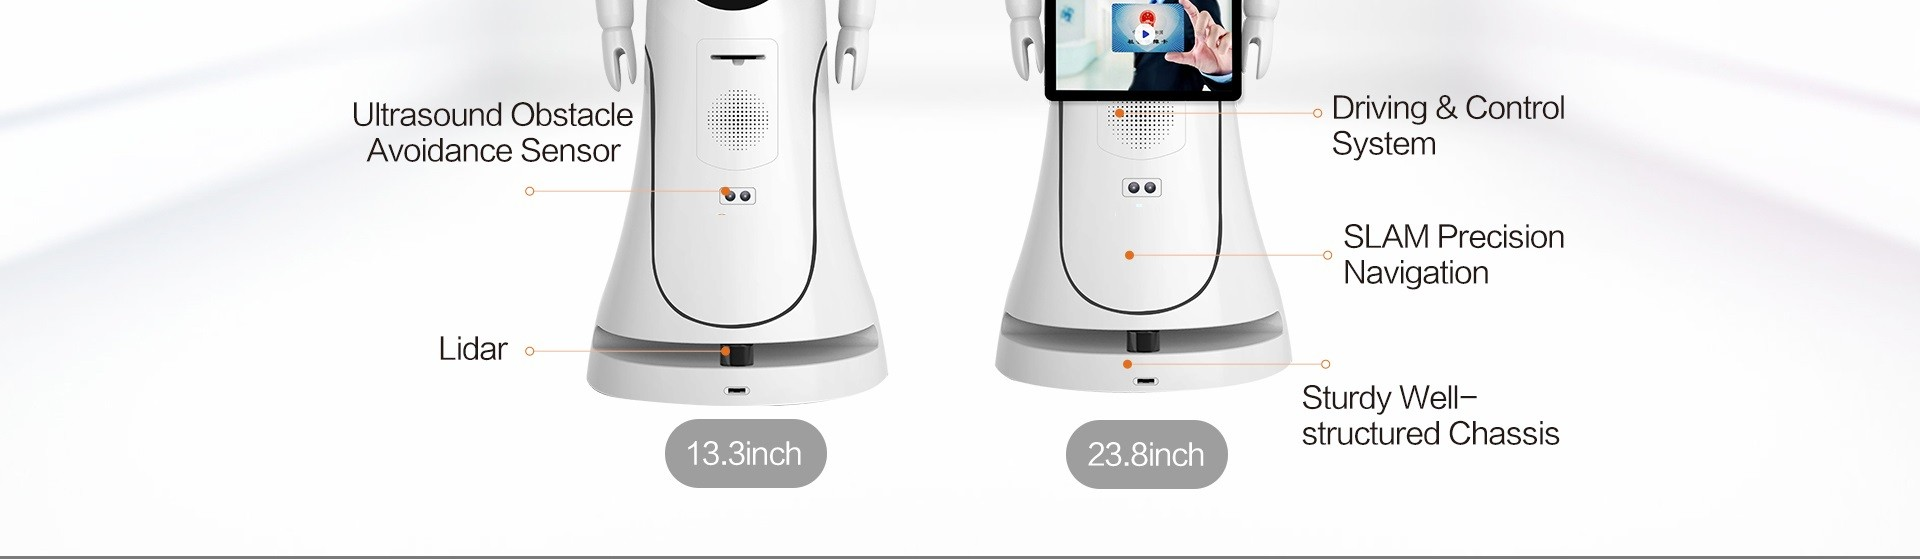 SIFROBTO-5.0 telepresence robot